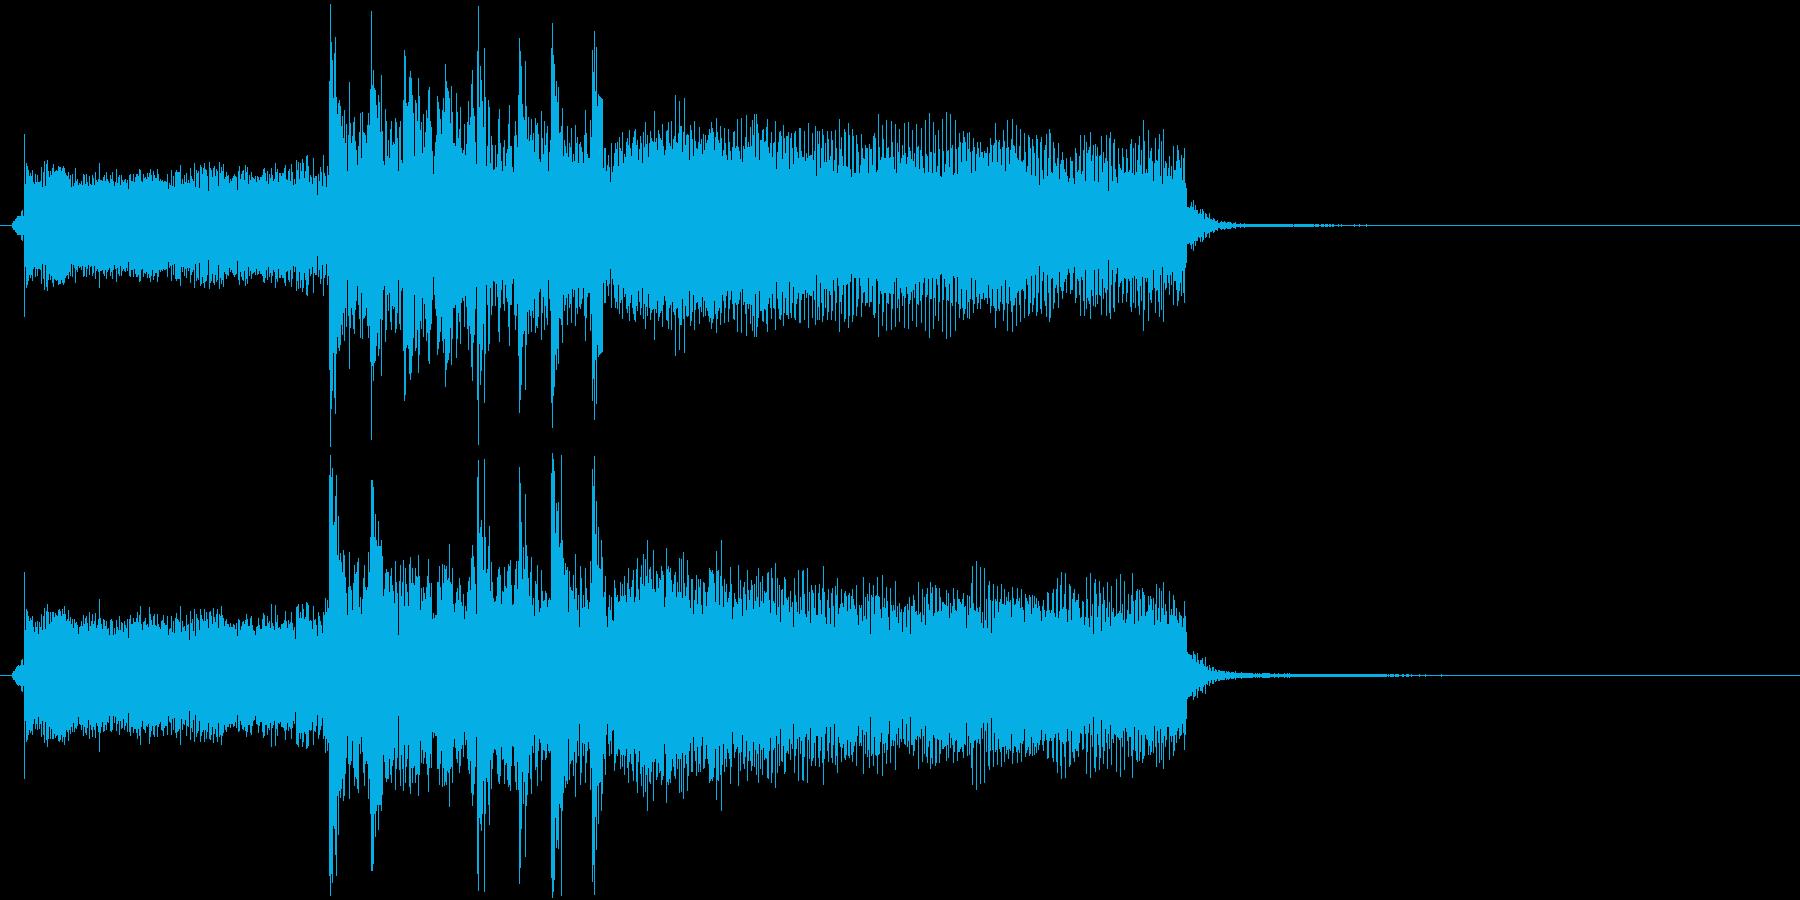 ロックでポップなギターリフのジングルの再生済みの波形